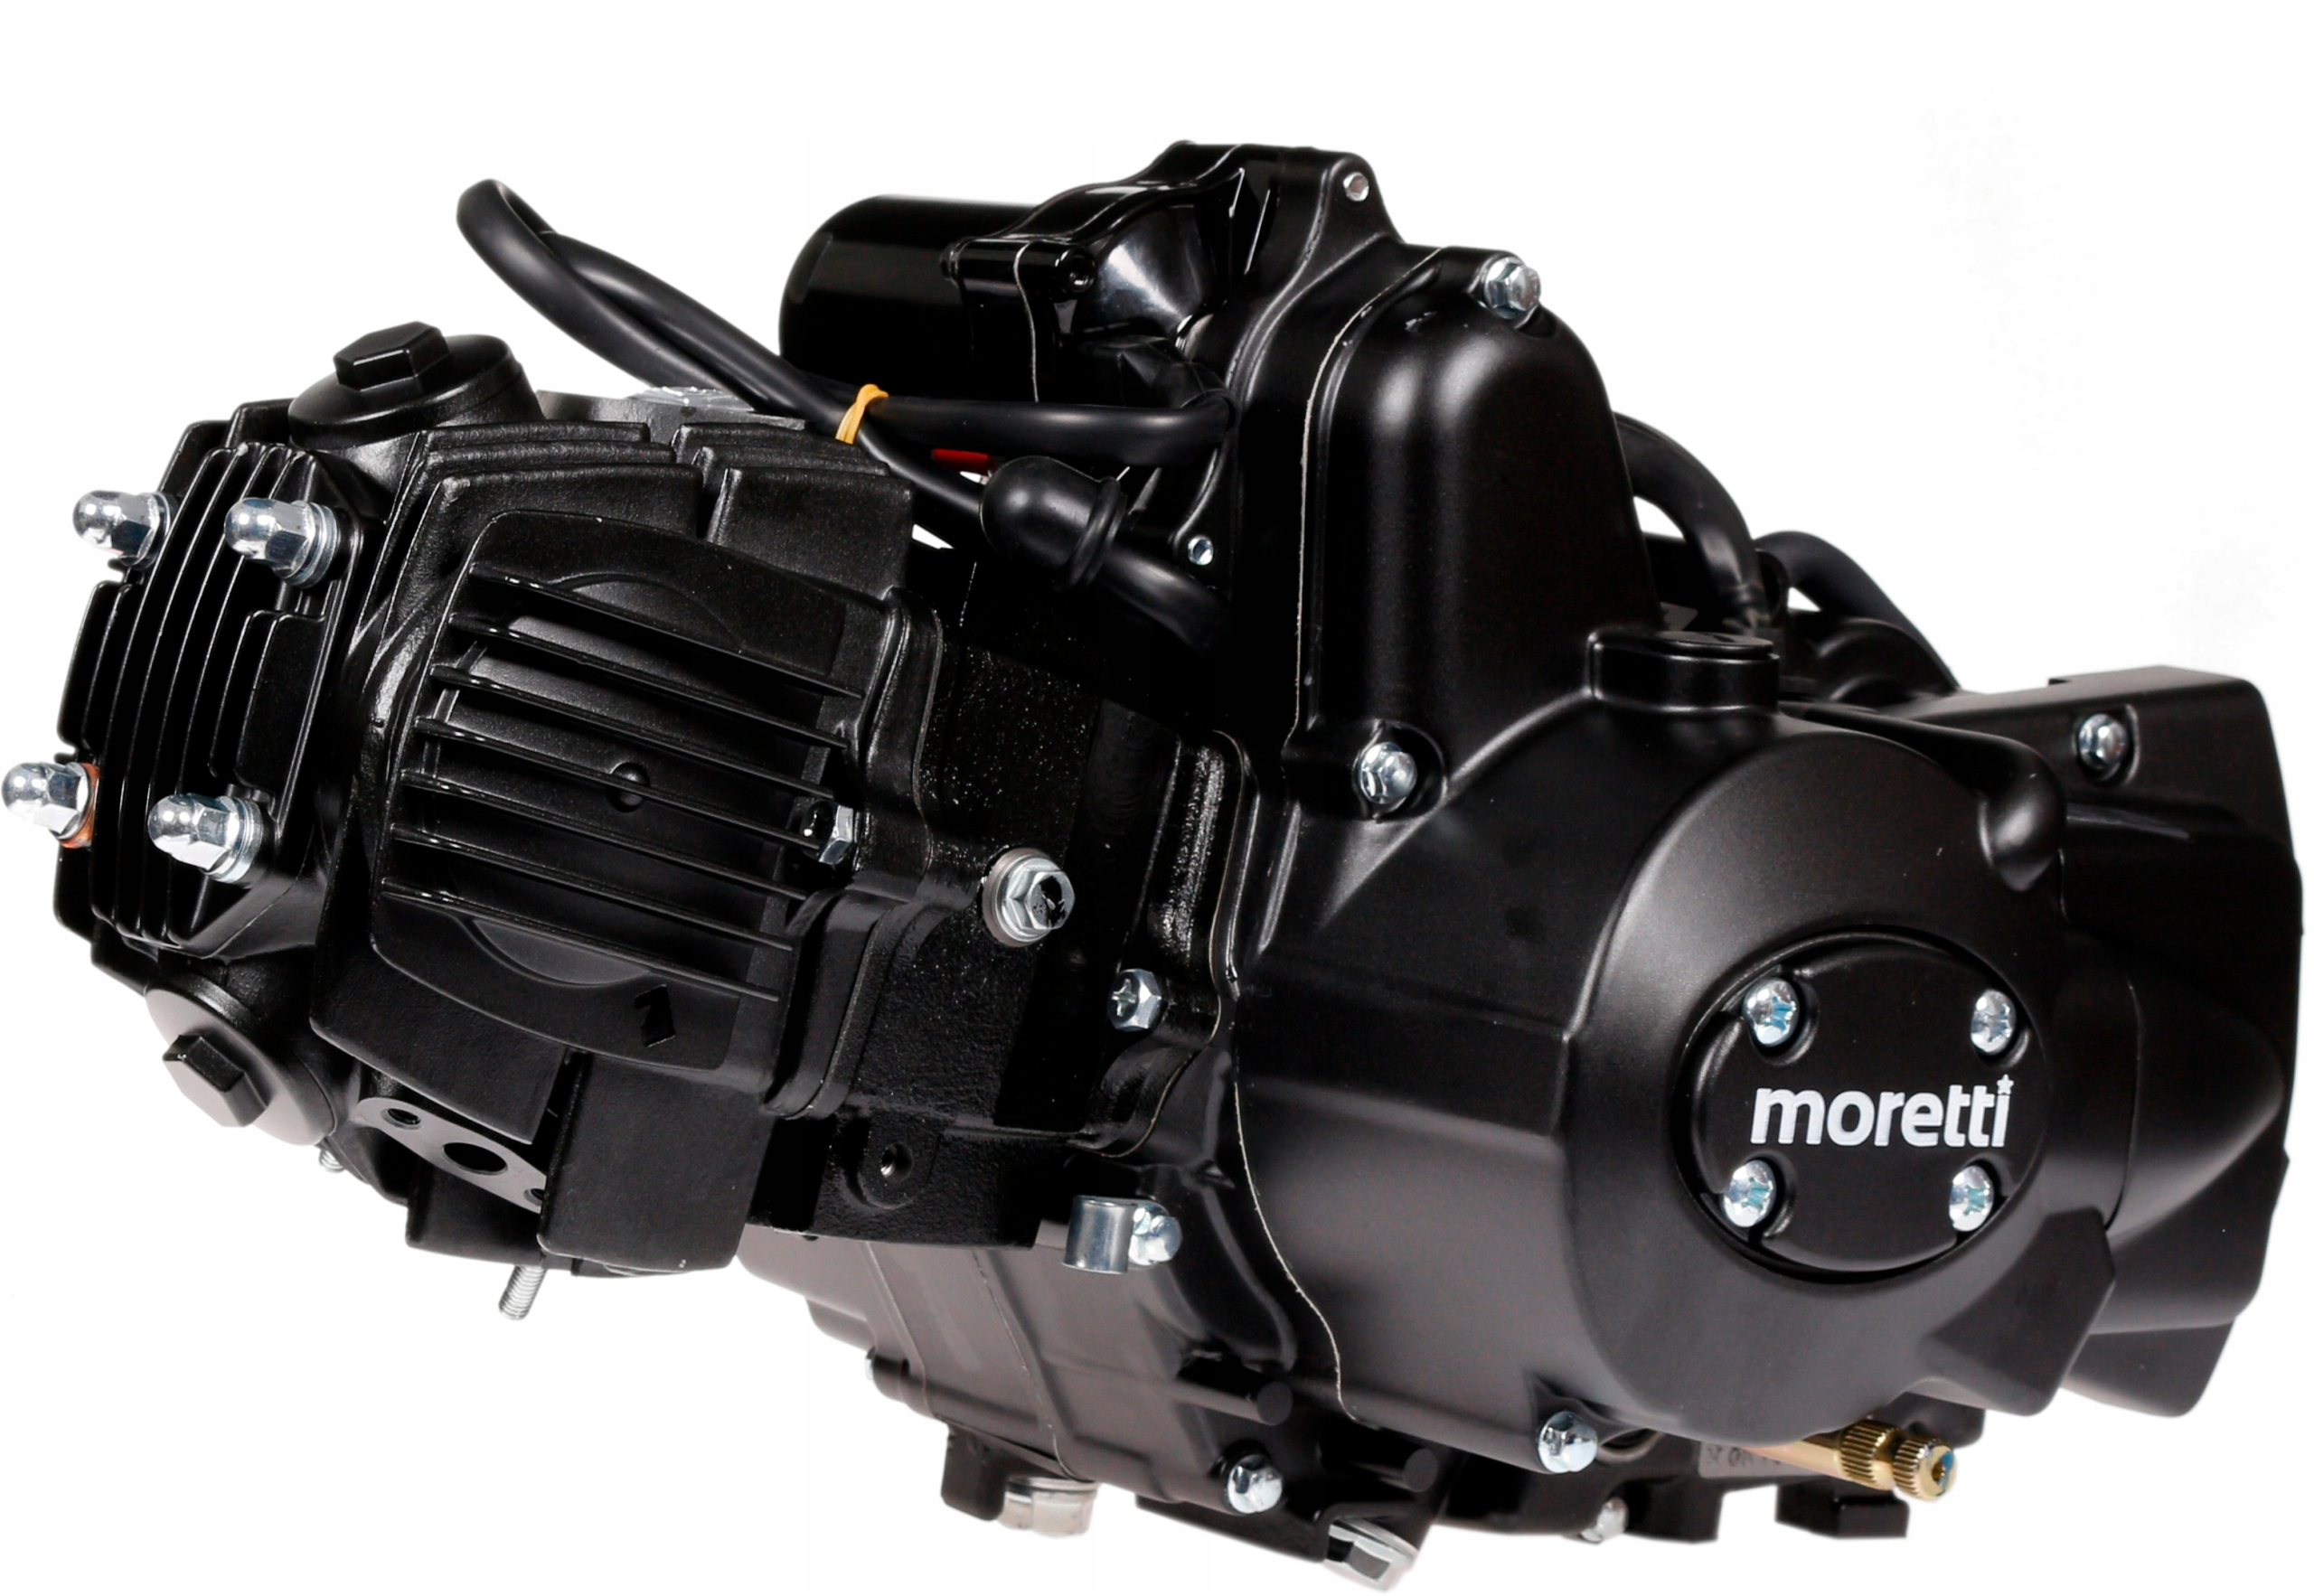 Двигатель 110cc Moretti 4T Юноша Romet Barton Zipp доставка товаров из Польши и Allegro на русском